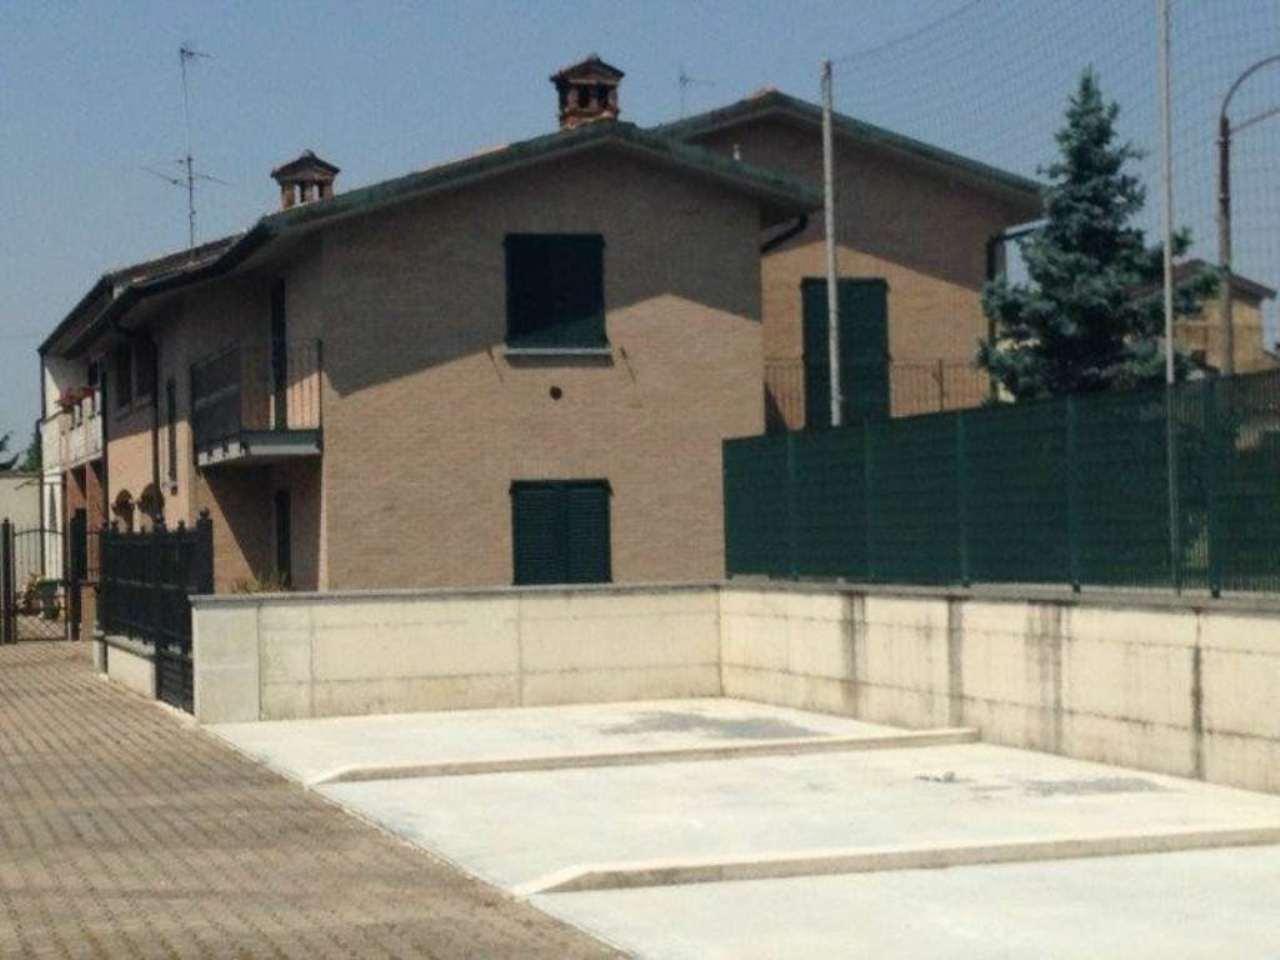 Villa in vendita a Crema, 3 locali, prezzo € 124.000 | Cambio Casa.it